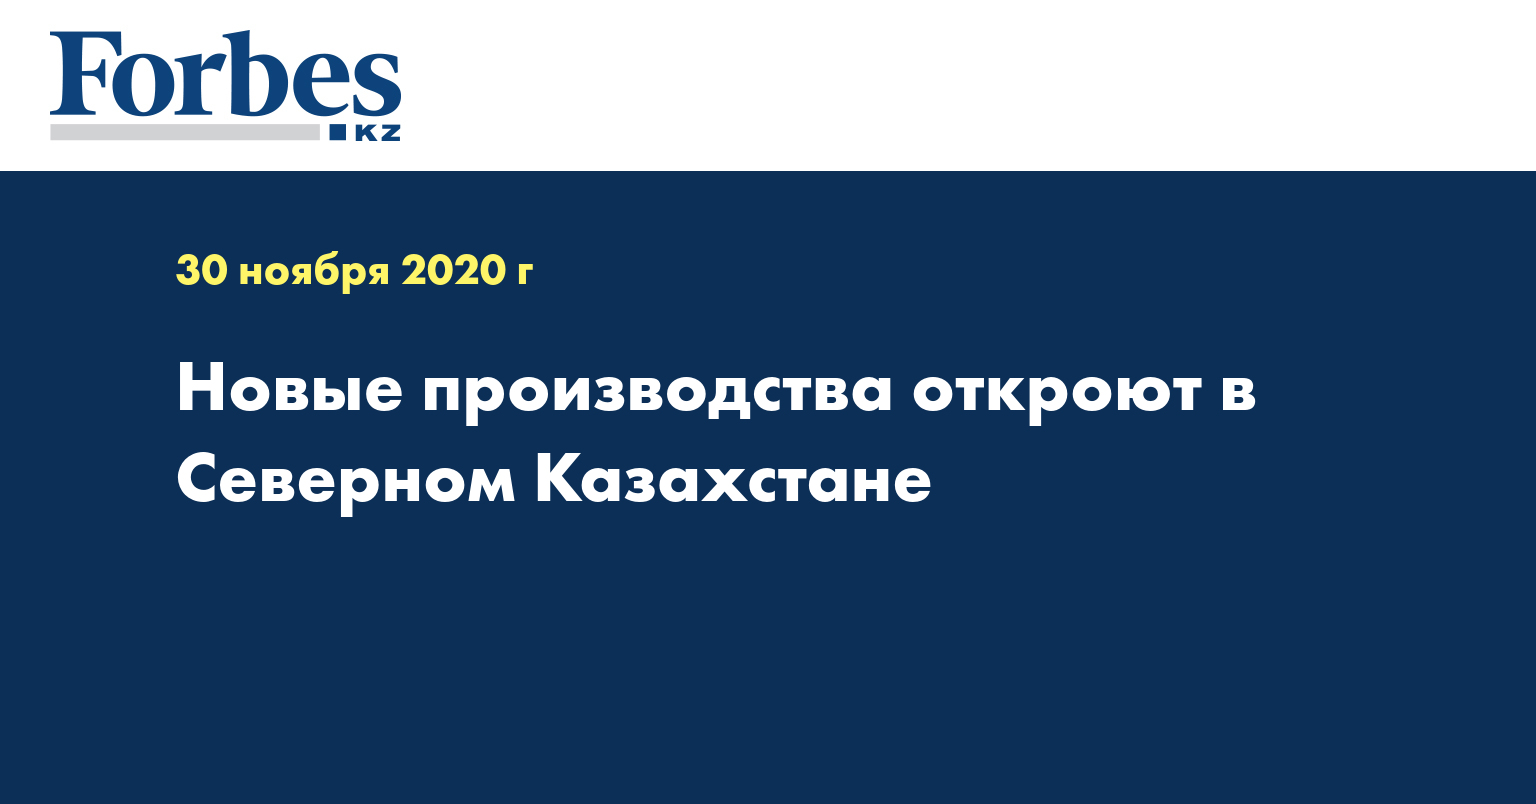 Новые производства откроют в Северном Казахстане